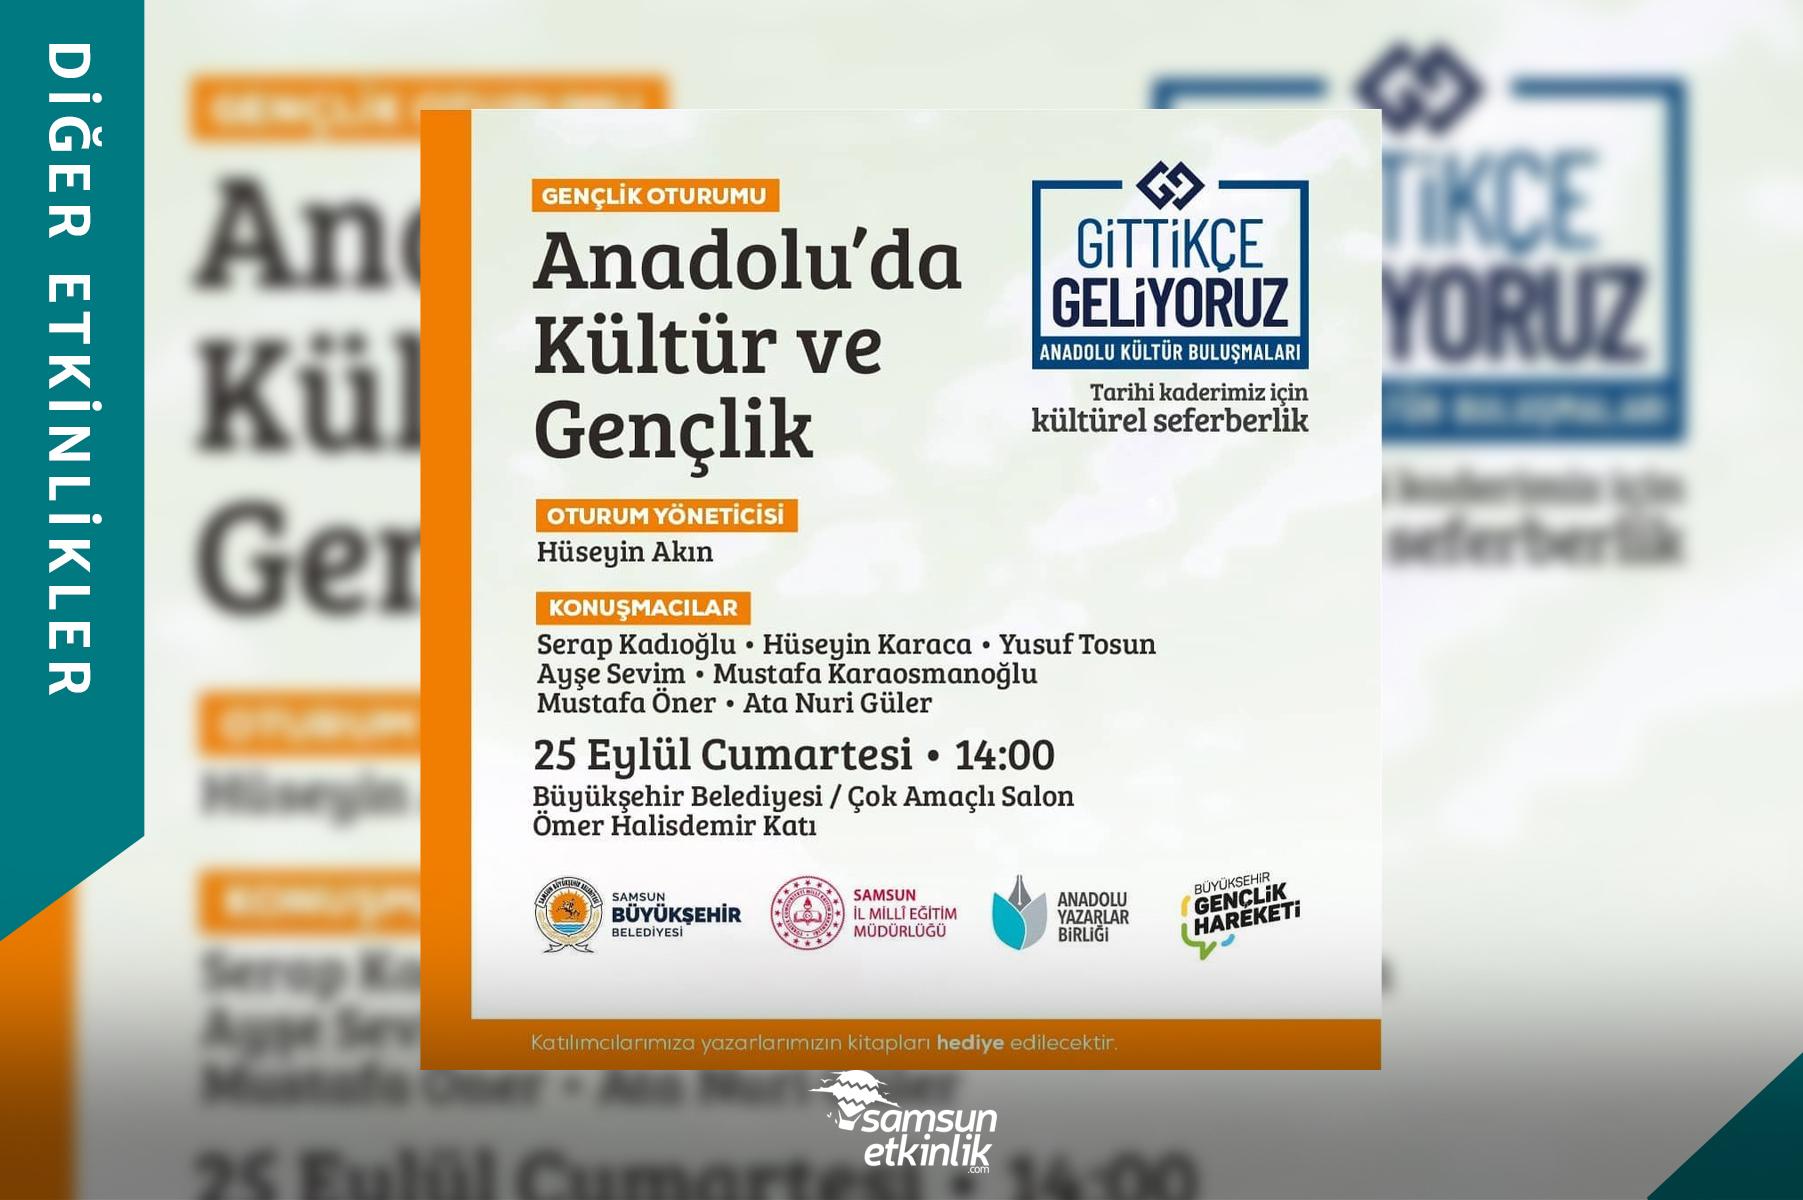 Gittikçe Geliyoruz Anadolu Kültür Buluşmaları